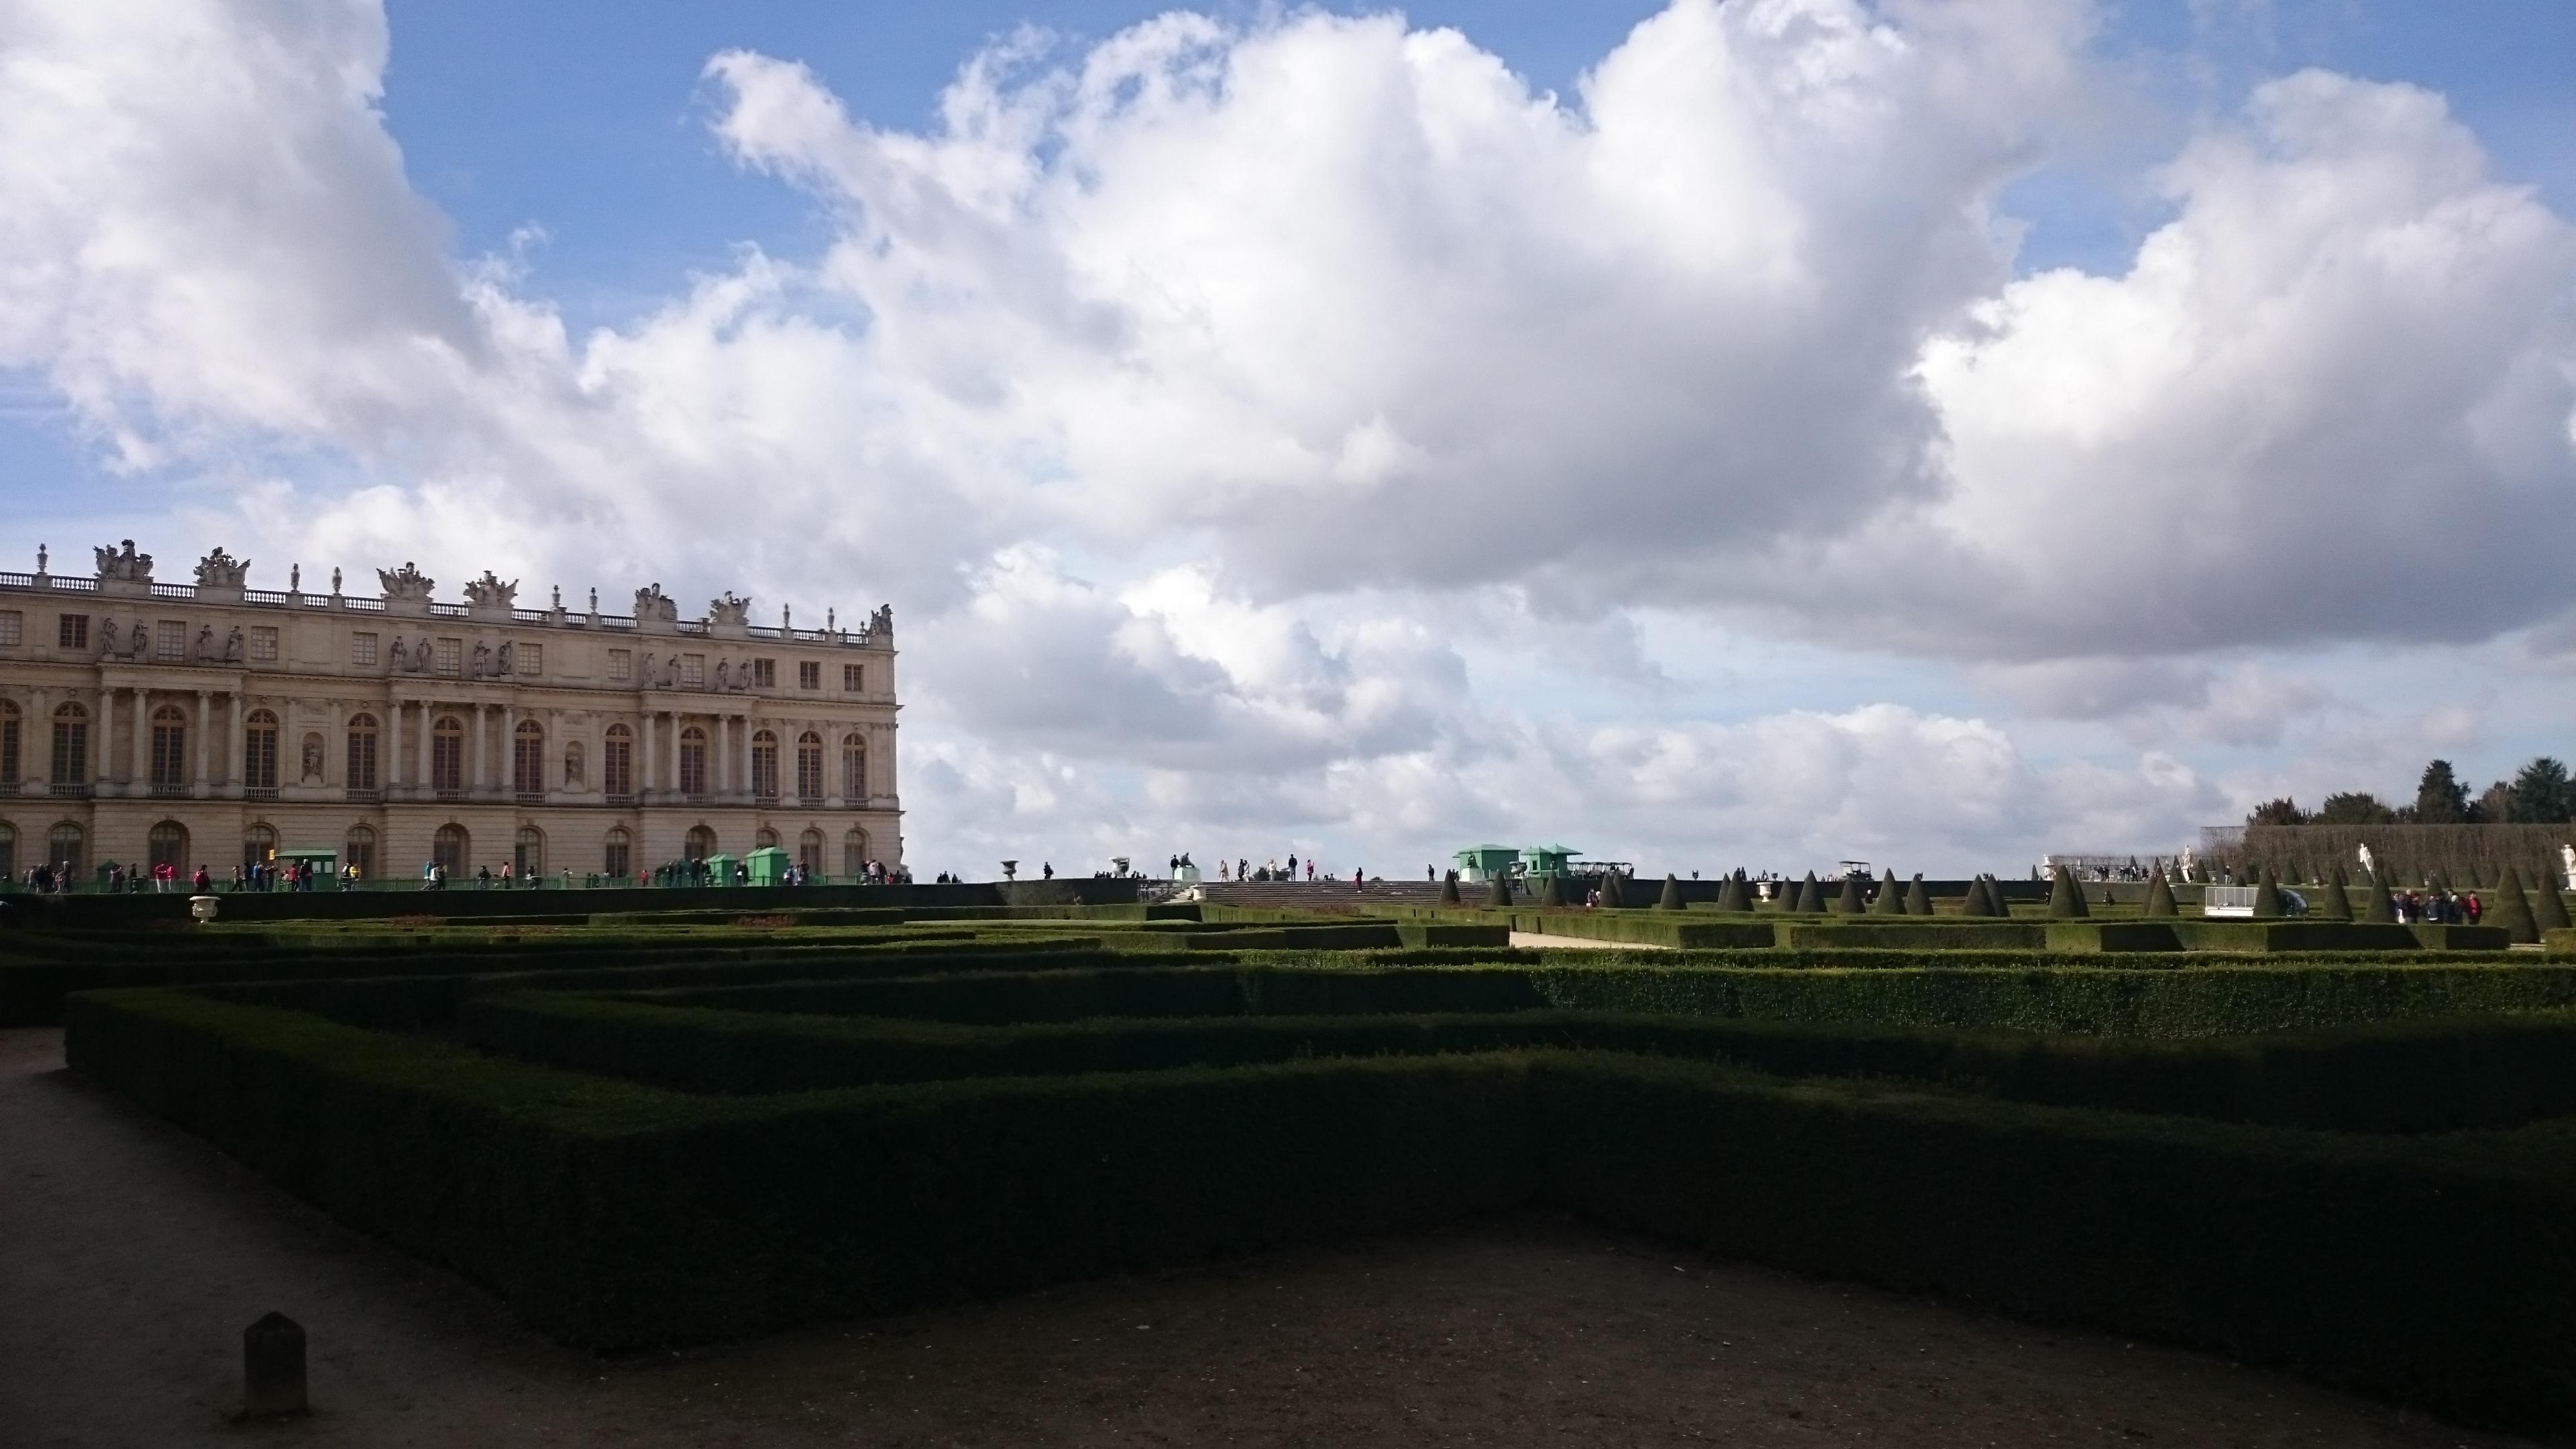 dsc 1148 copia - Visita al Palacio de Versalles: Como ir, cuanto cuesta y tips I/III